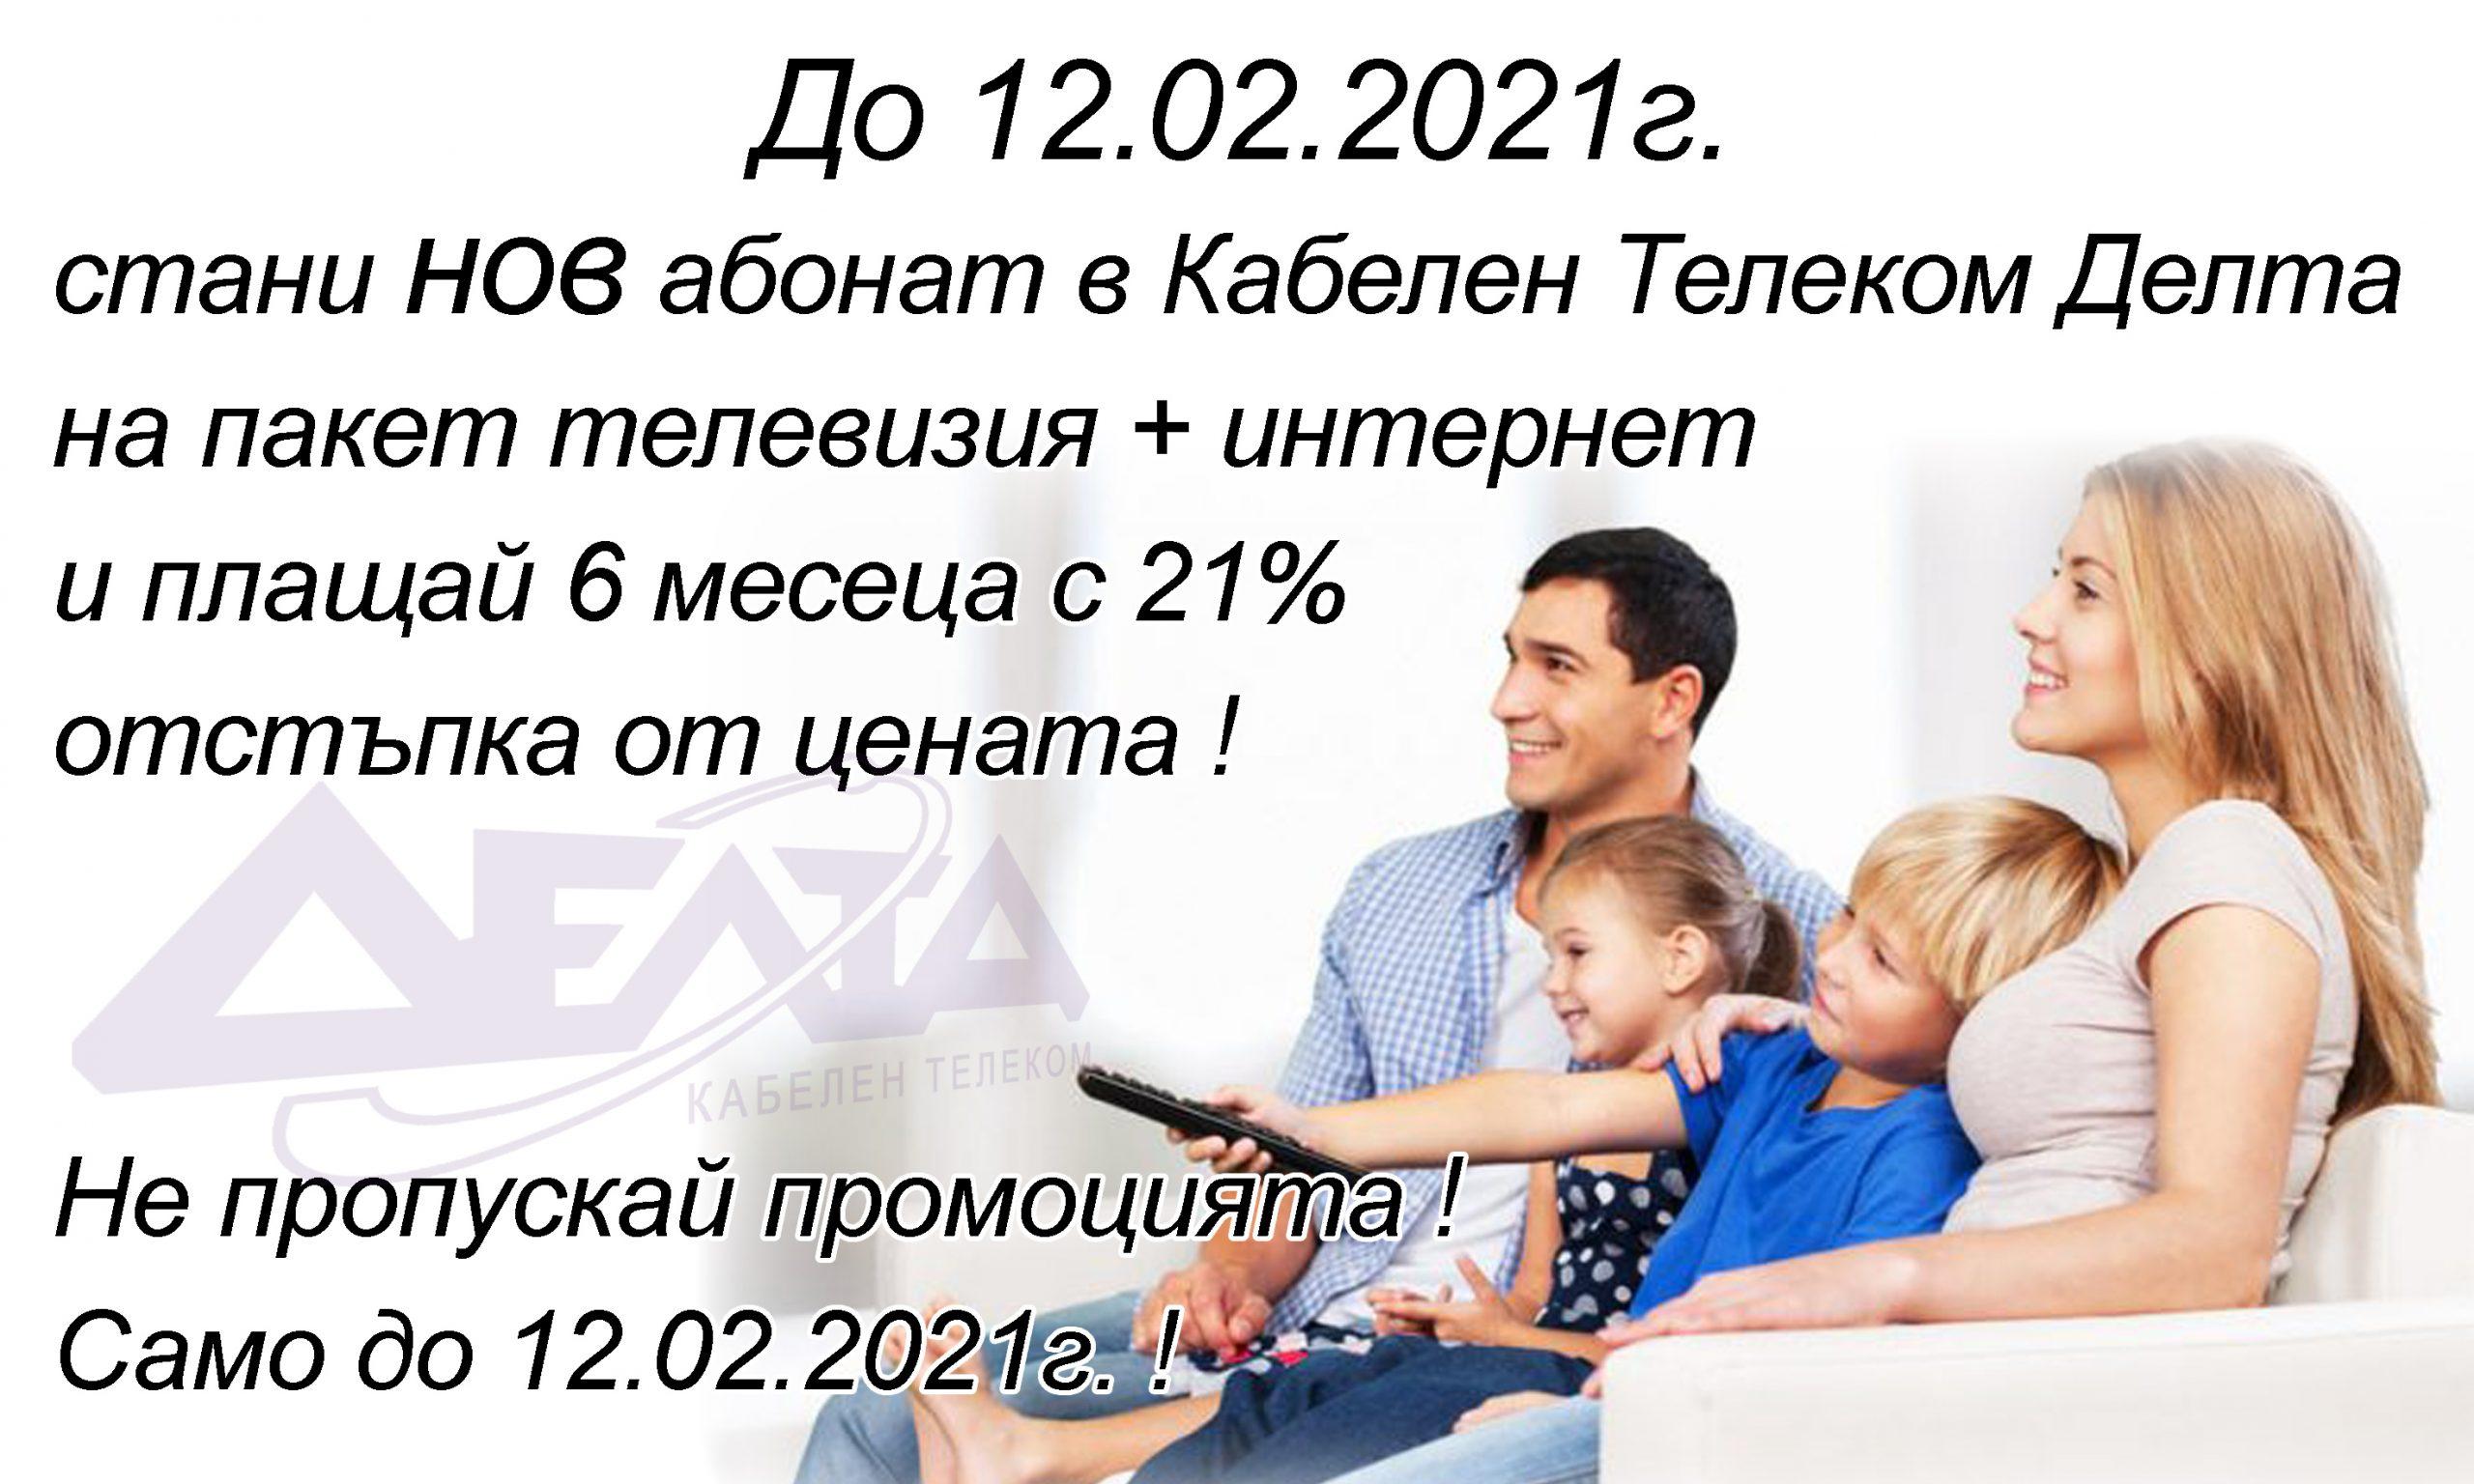 KT DELTA - PROMOCIQ - 12 02 2021